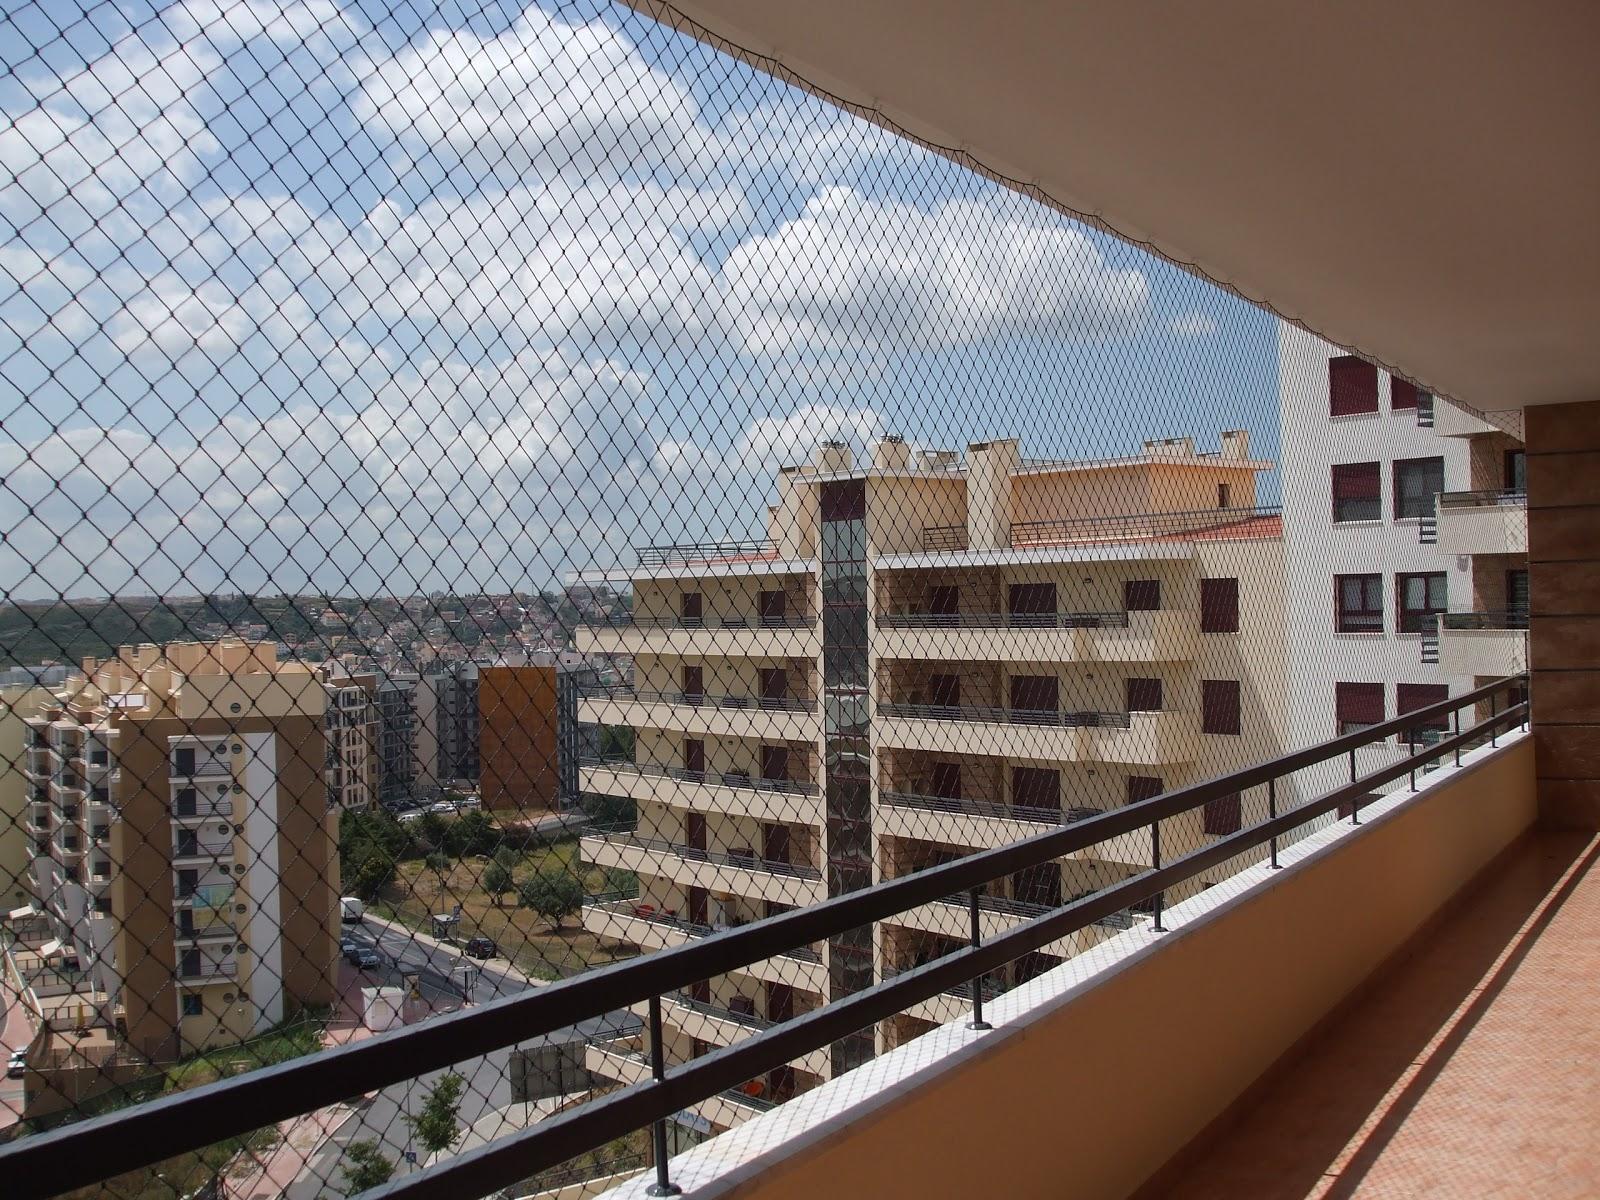 pt: telas de proteção para varandas janelas e terraços em Portugal #664836 1600 1200